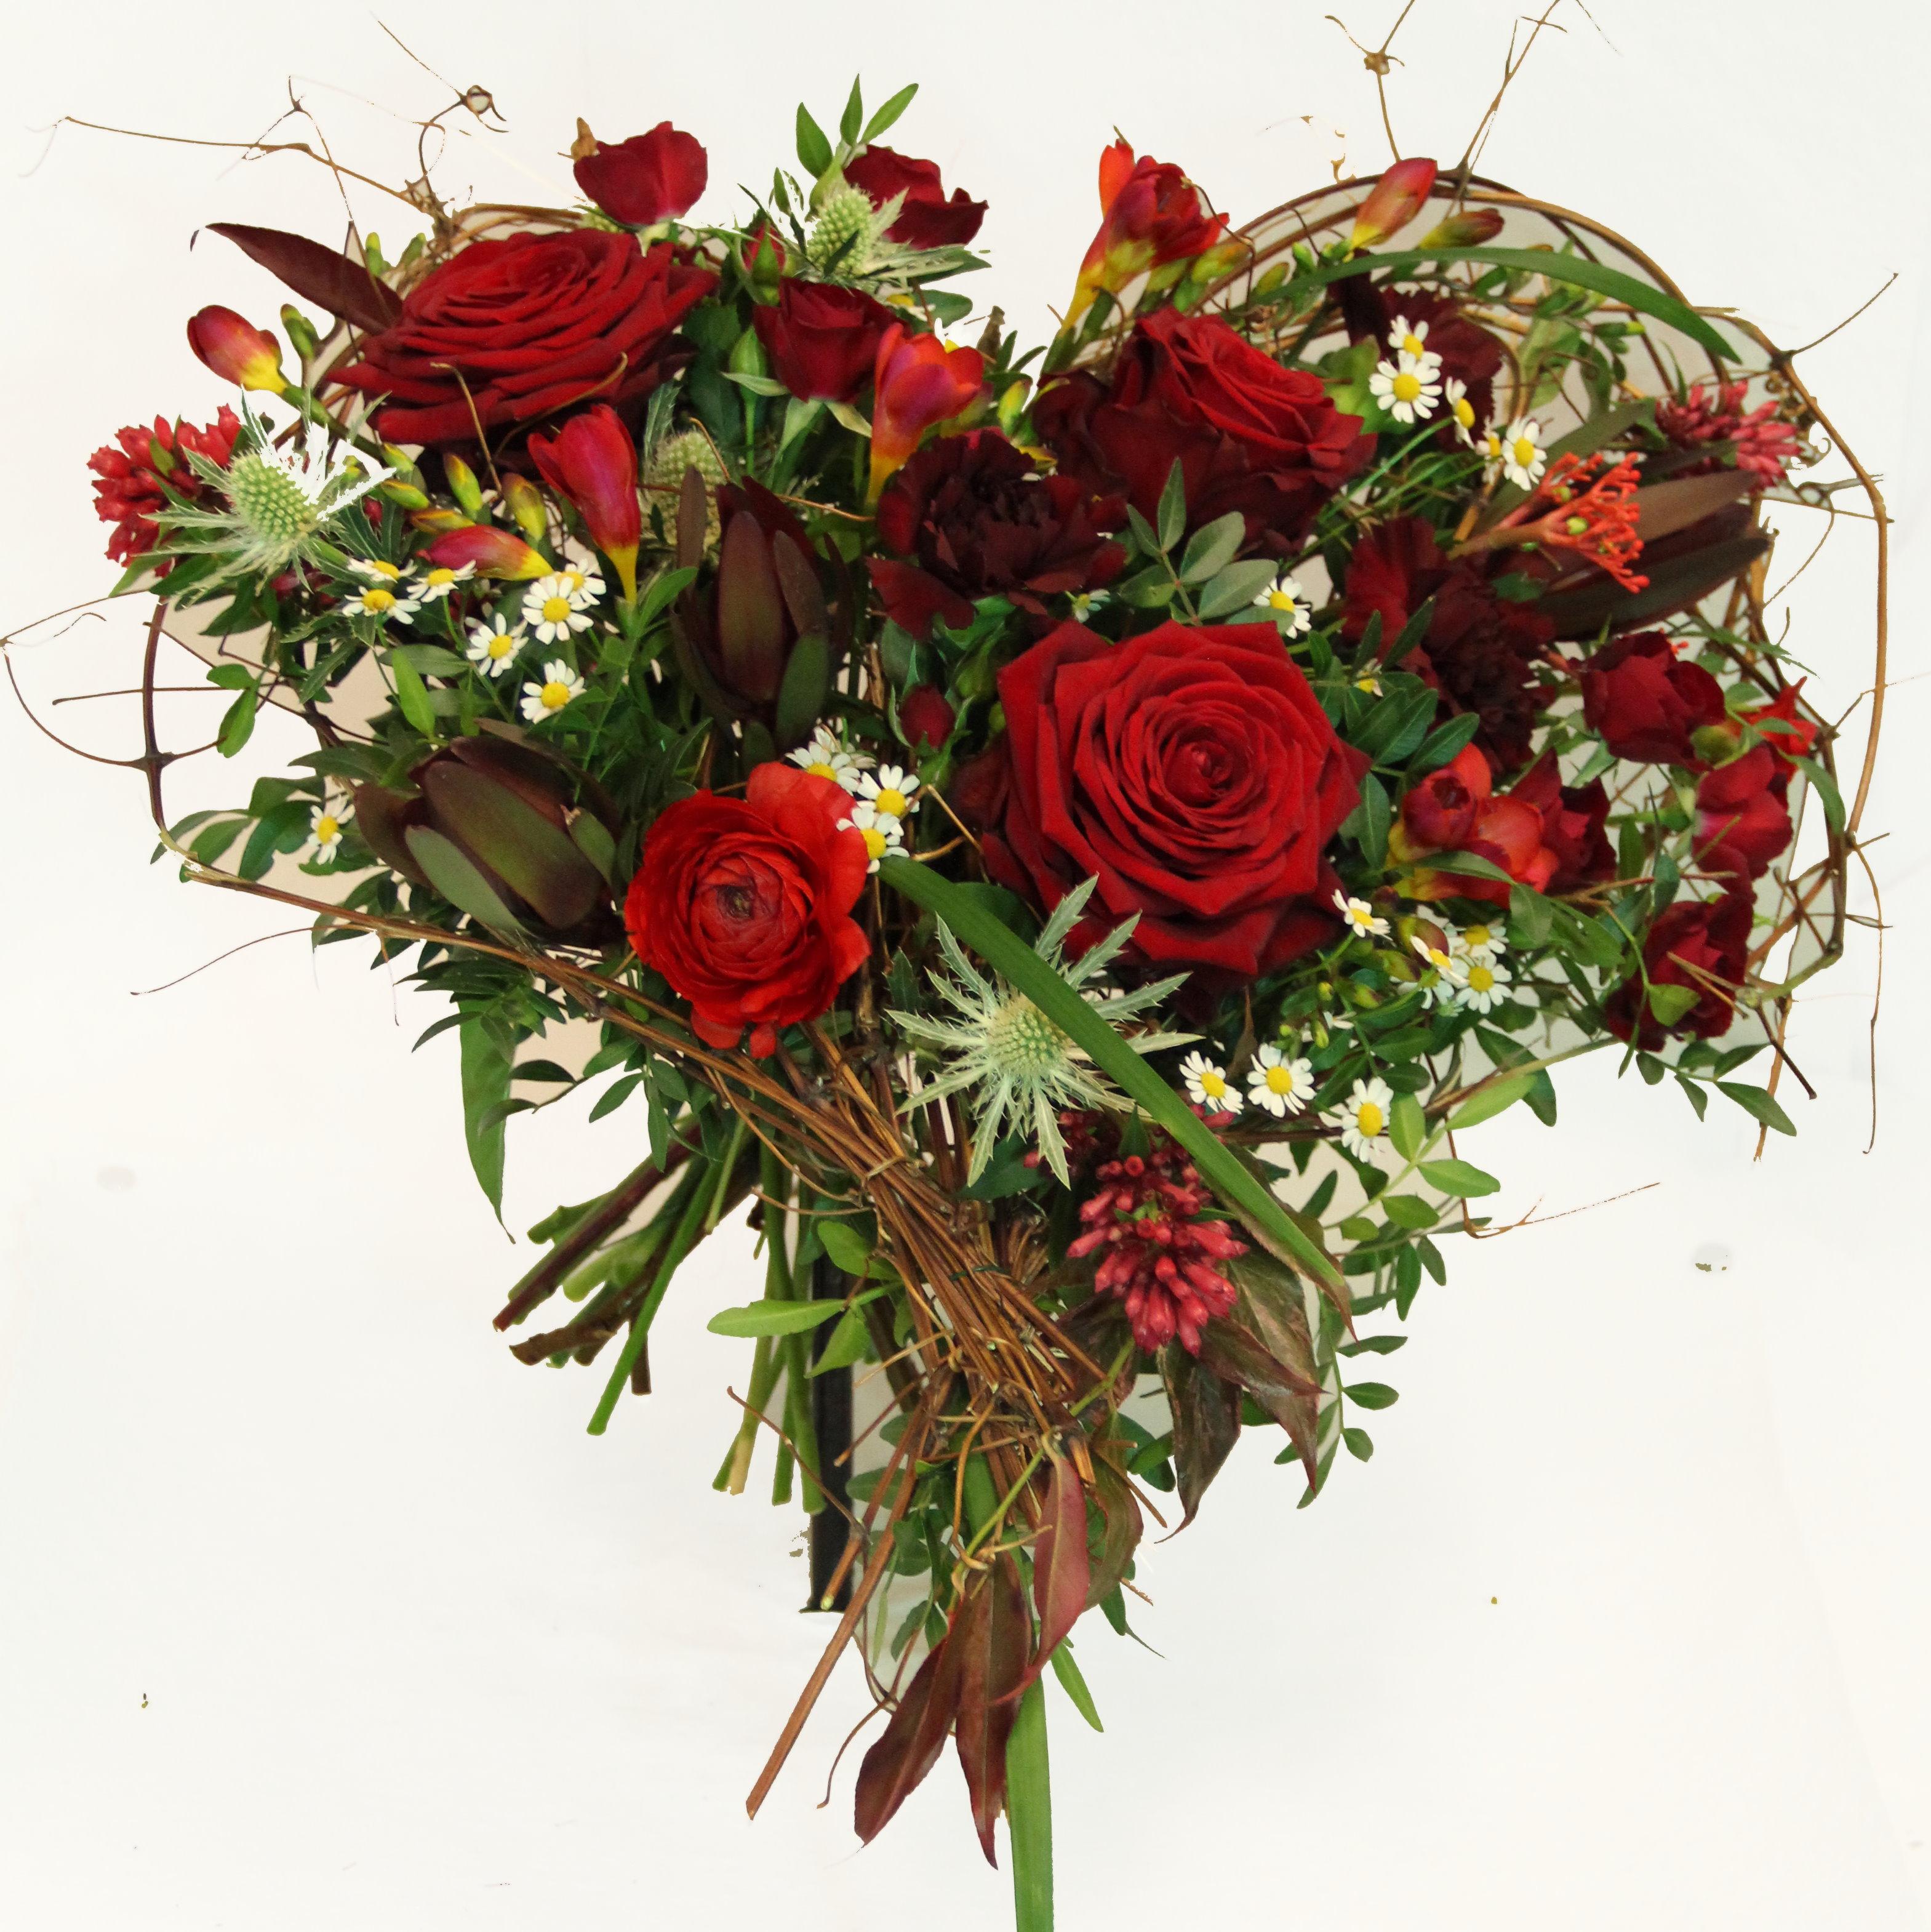 Frischer Blumenstrauß verschicken mit roten Rosen